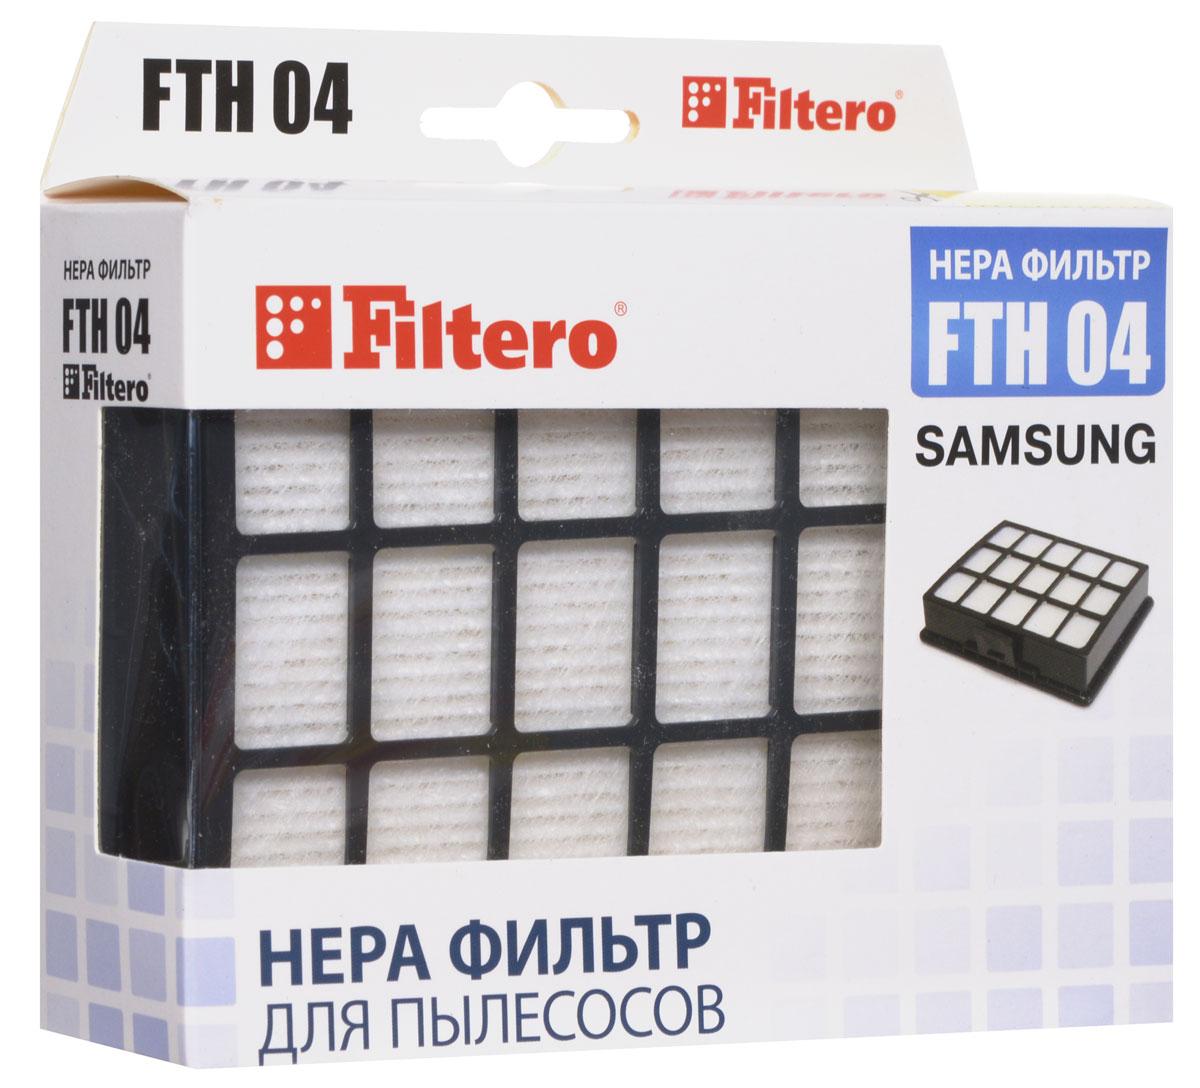 Filtero FTH 04 SAM Hepa-фильтр для SamsungFTH 04 SAM HEPAHepa-фильтр Filtero FTH 04 SAM препятствует выходу мельчайших частиц пыли и аллергенов из пылесоса в помещение. Фильтр не моющийся. Подлежит замене, согласно рекомендации производителя пылесосов - не реже одного раза за 6 месяцев. Подходит для следующих пылесосов: SAMSUNG SC 65… серии, SC 66... серии SC 67… серии SC 68… серии например: SC 6892